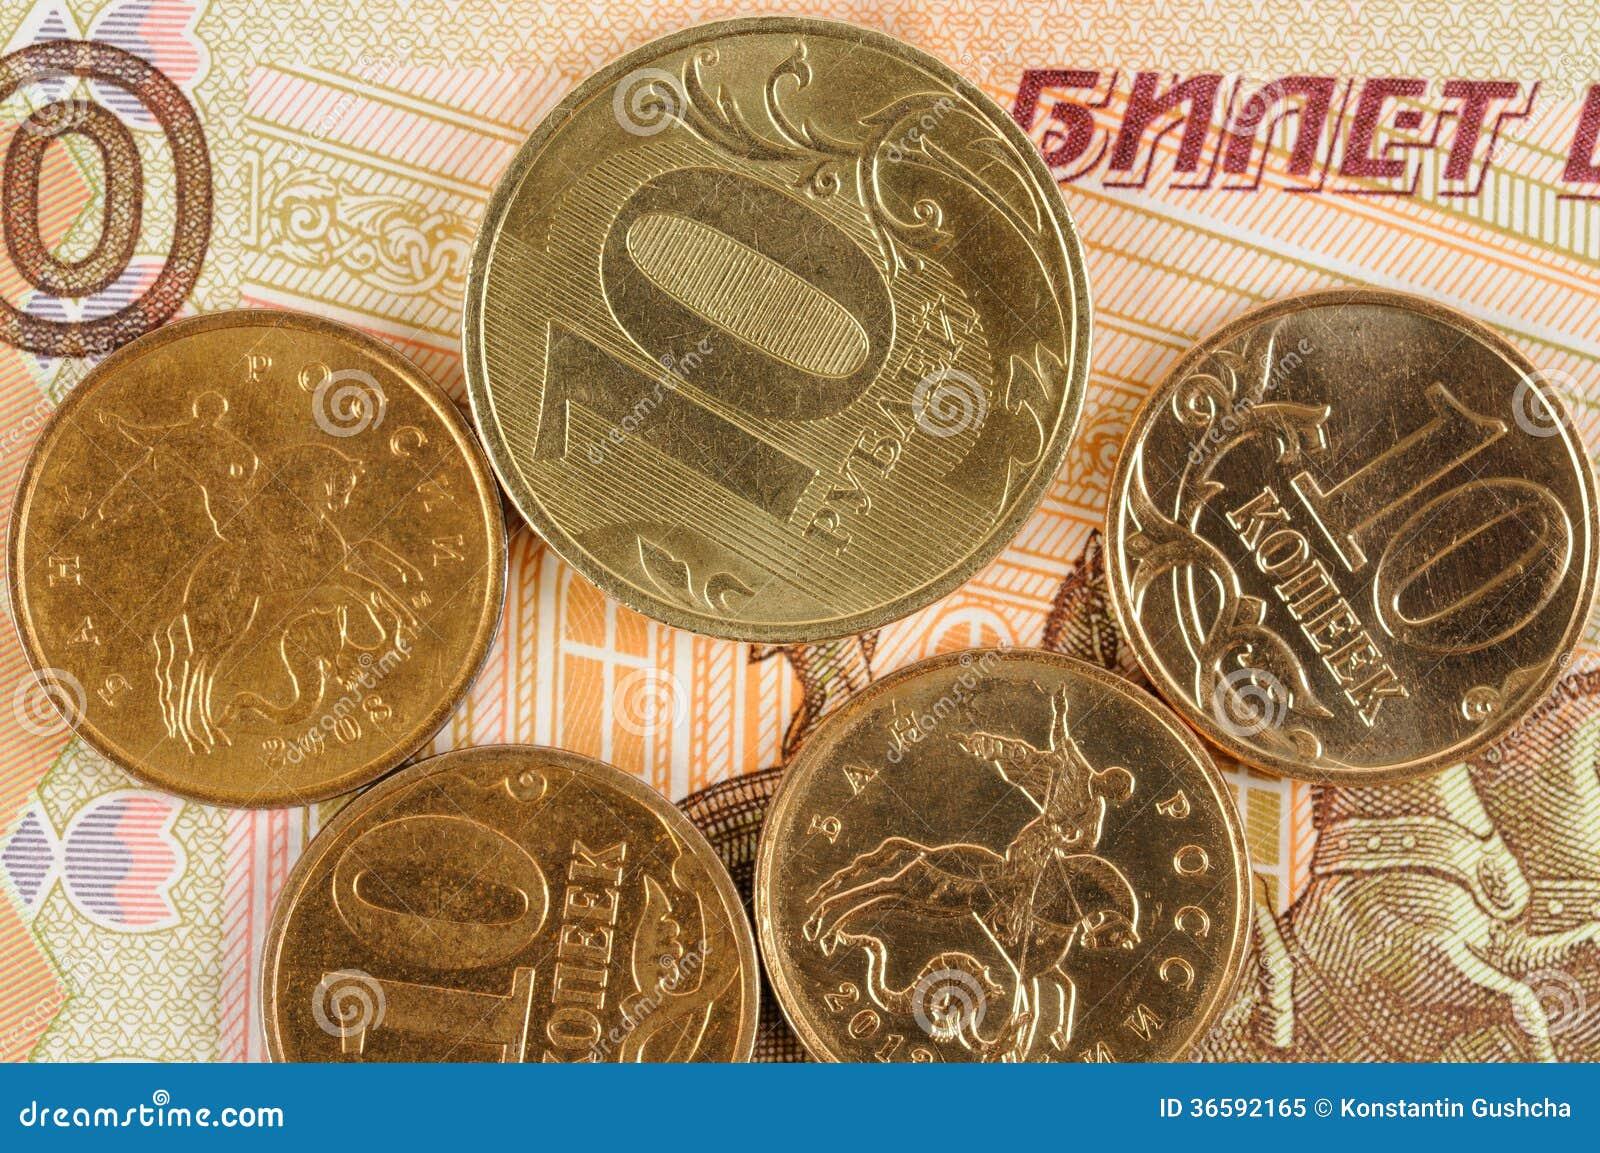 Русские копейки куплю олимпийские монеты 25 рублей